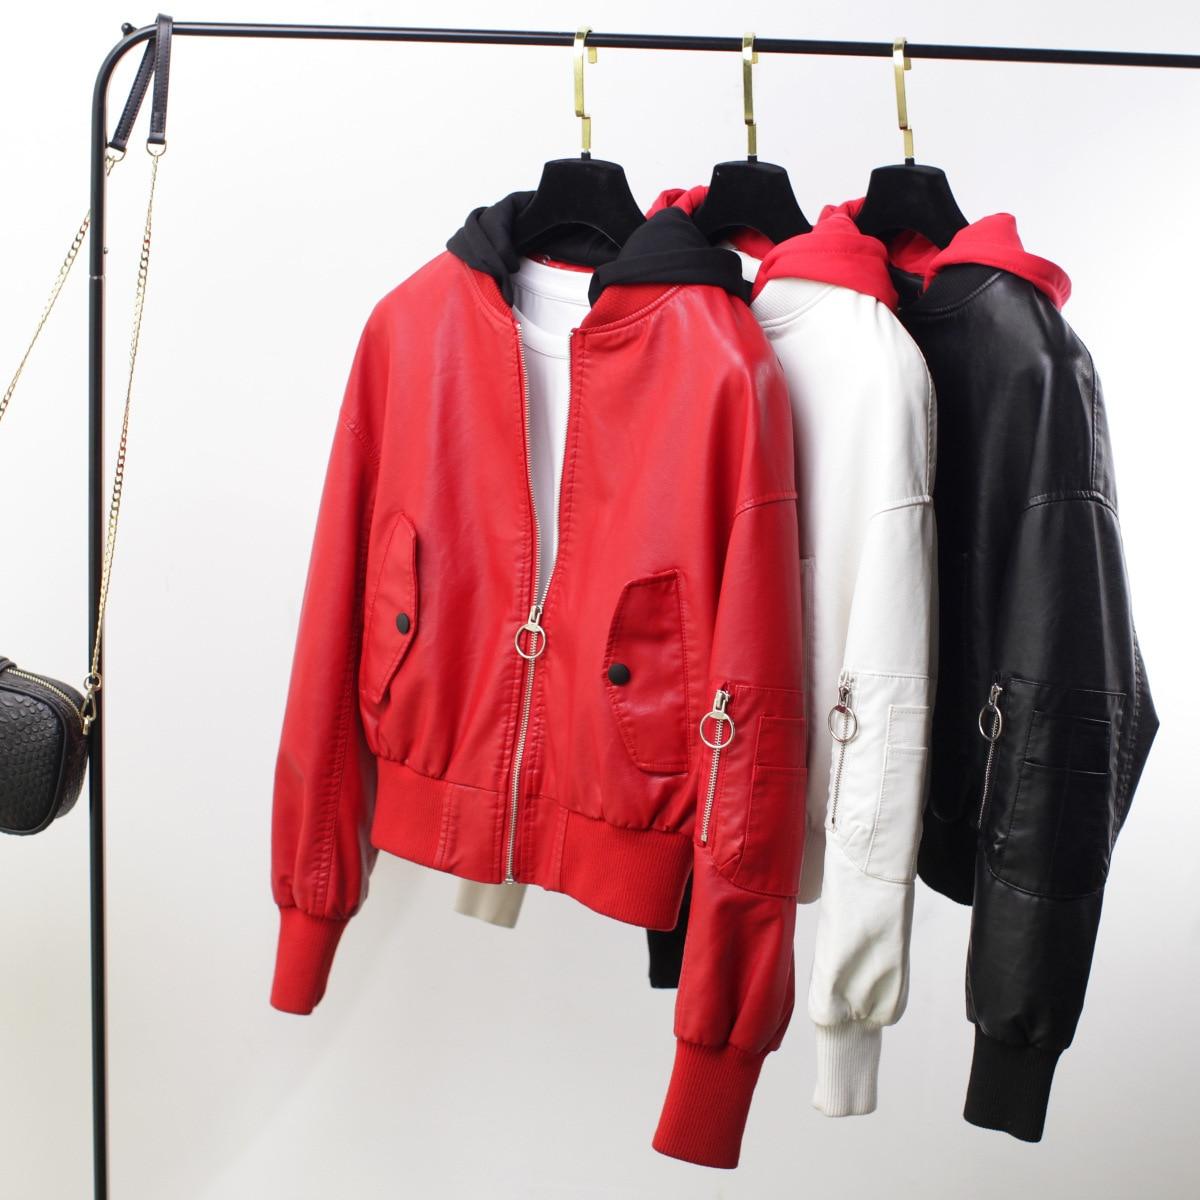 2019 Women Pu   Leather   Jacket Autumn Hooded Oversized Bomber Jackets Long Sleeve Fashion Short Baseball Coat Blouson Femme A9261